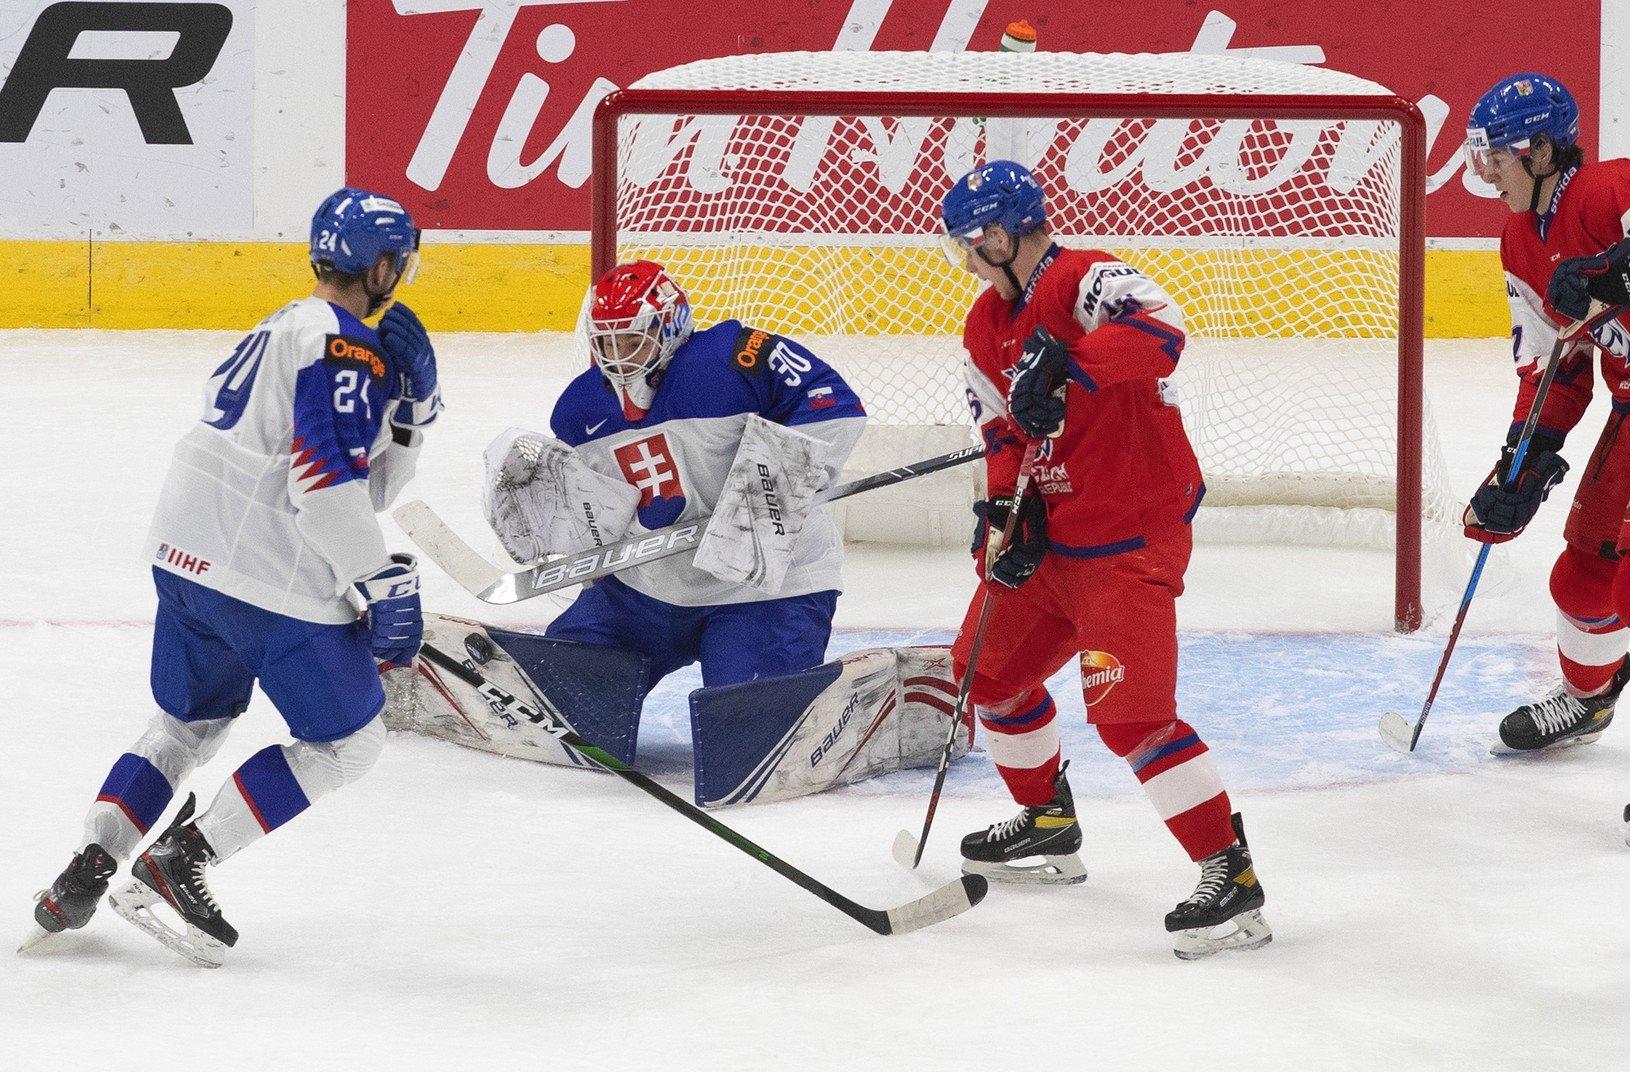 Brankár Šimon Latkóczy v